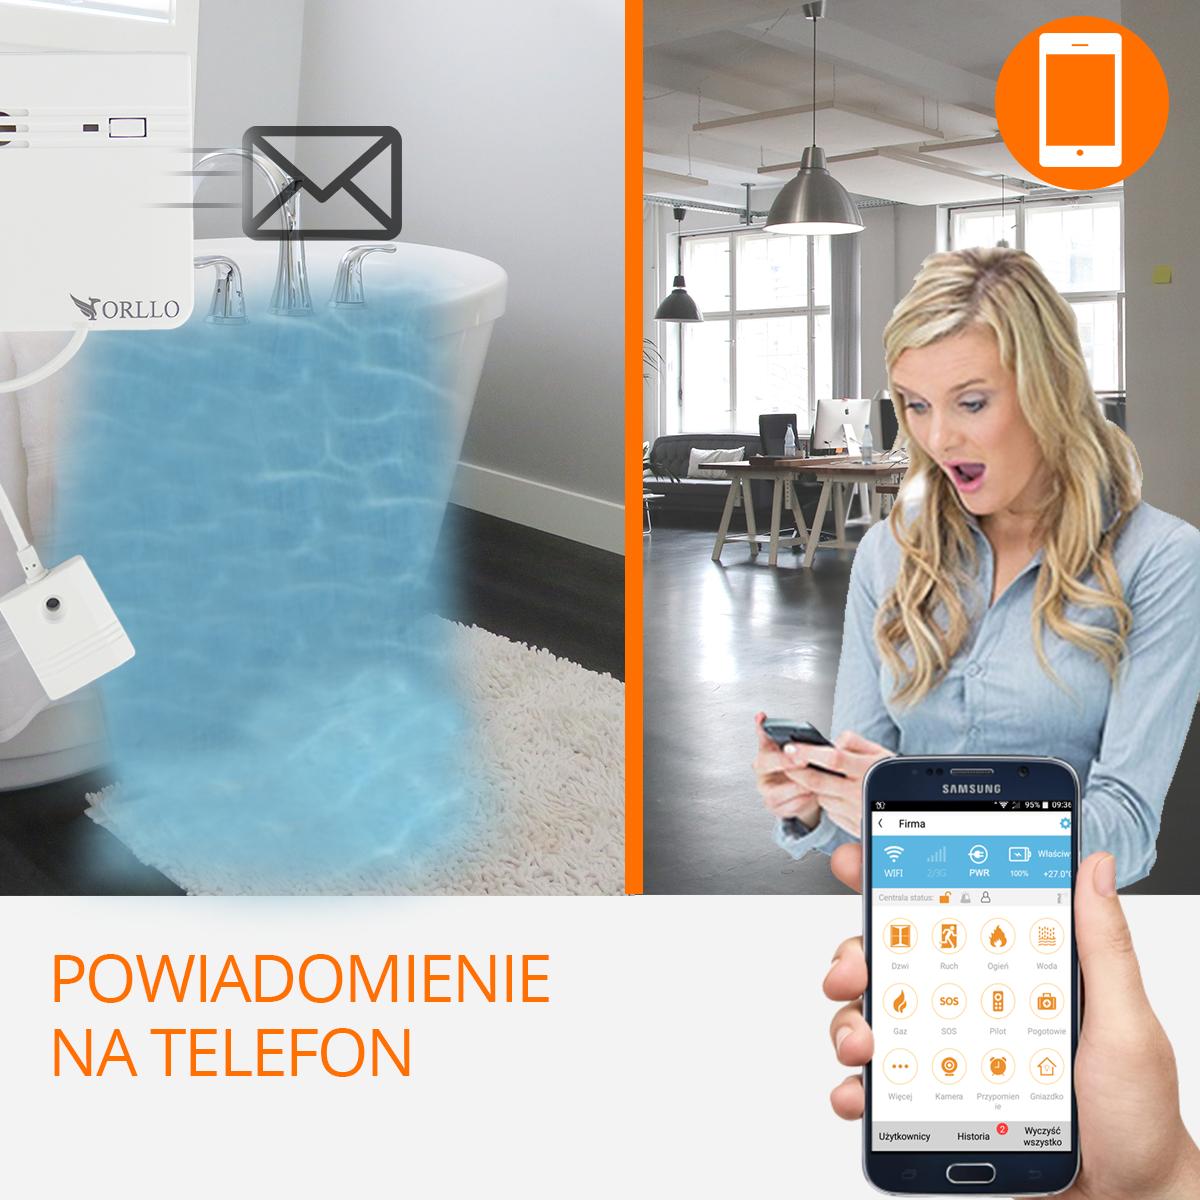 Centrala alarmowa czujnik zalania powiadomienie-orllo-pl